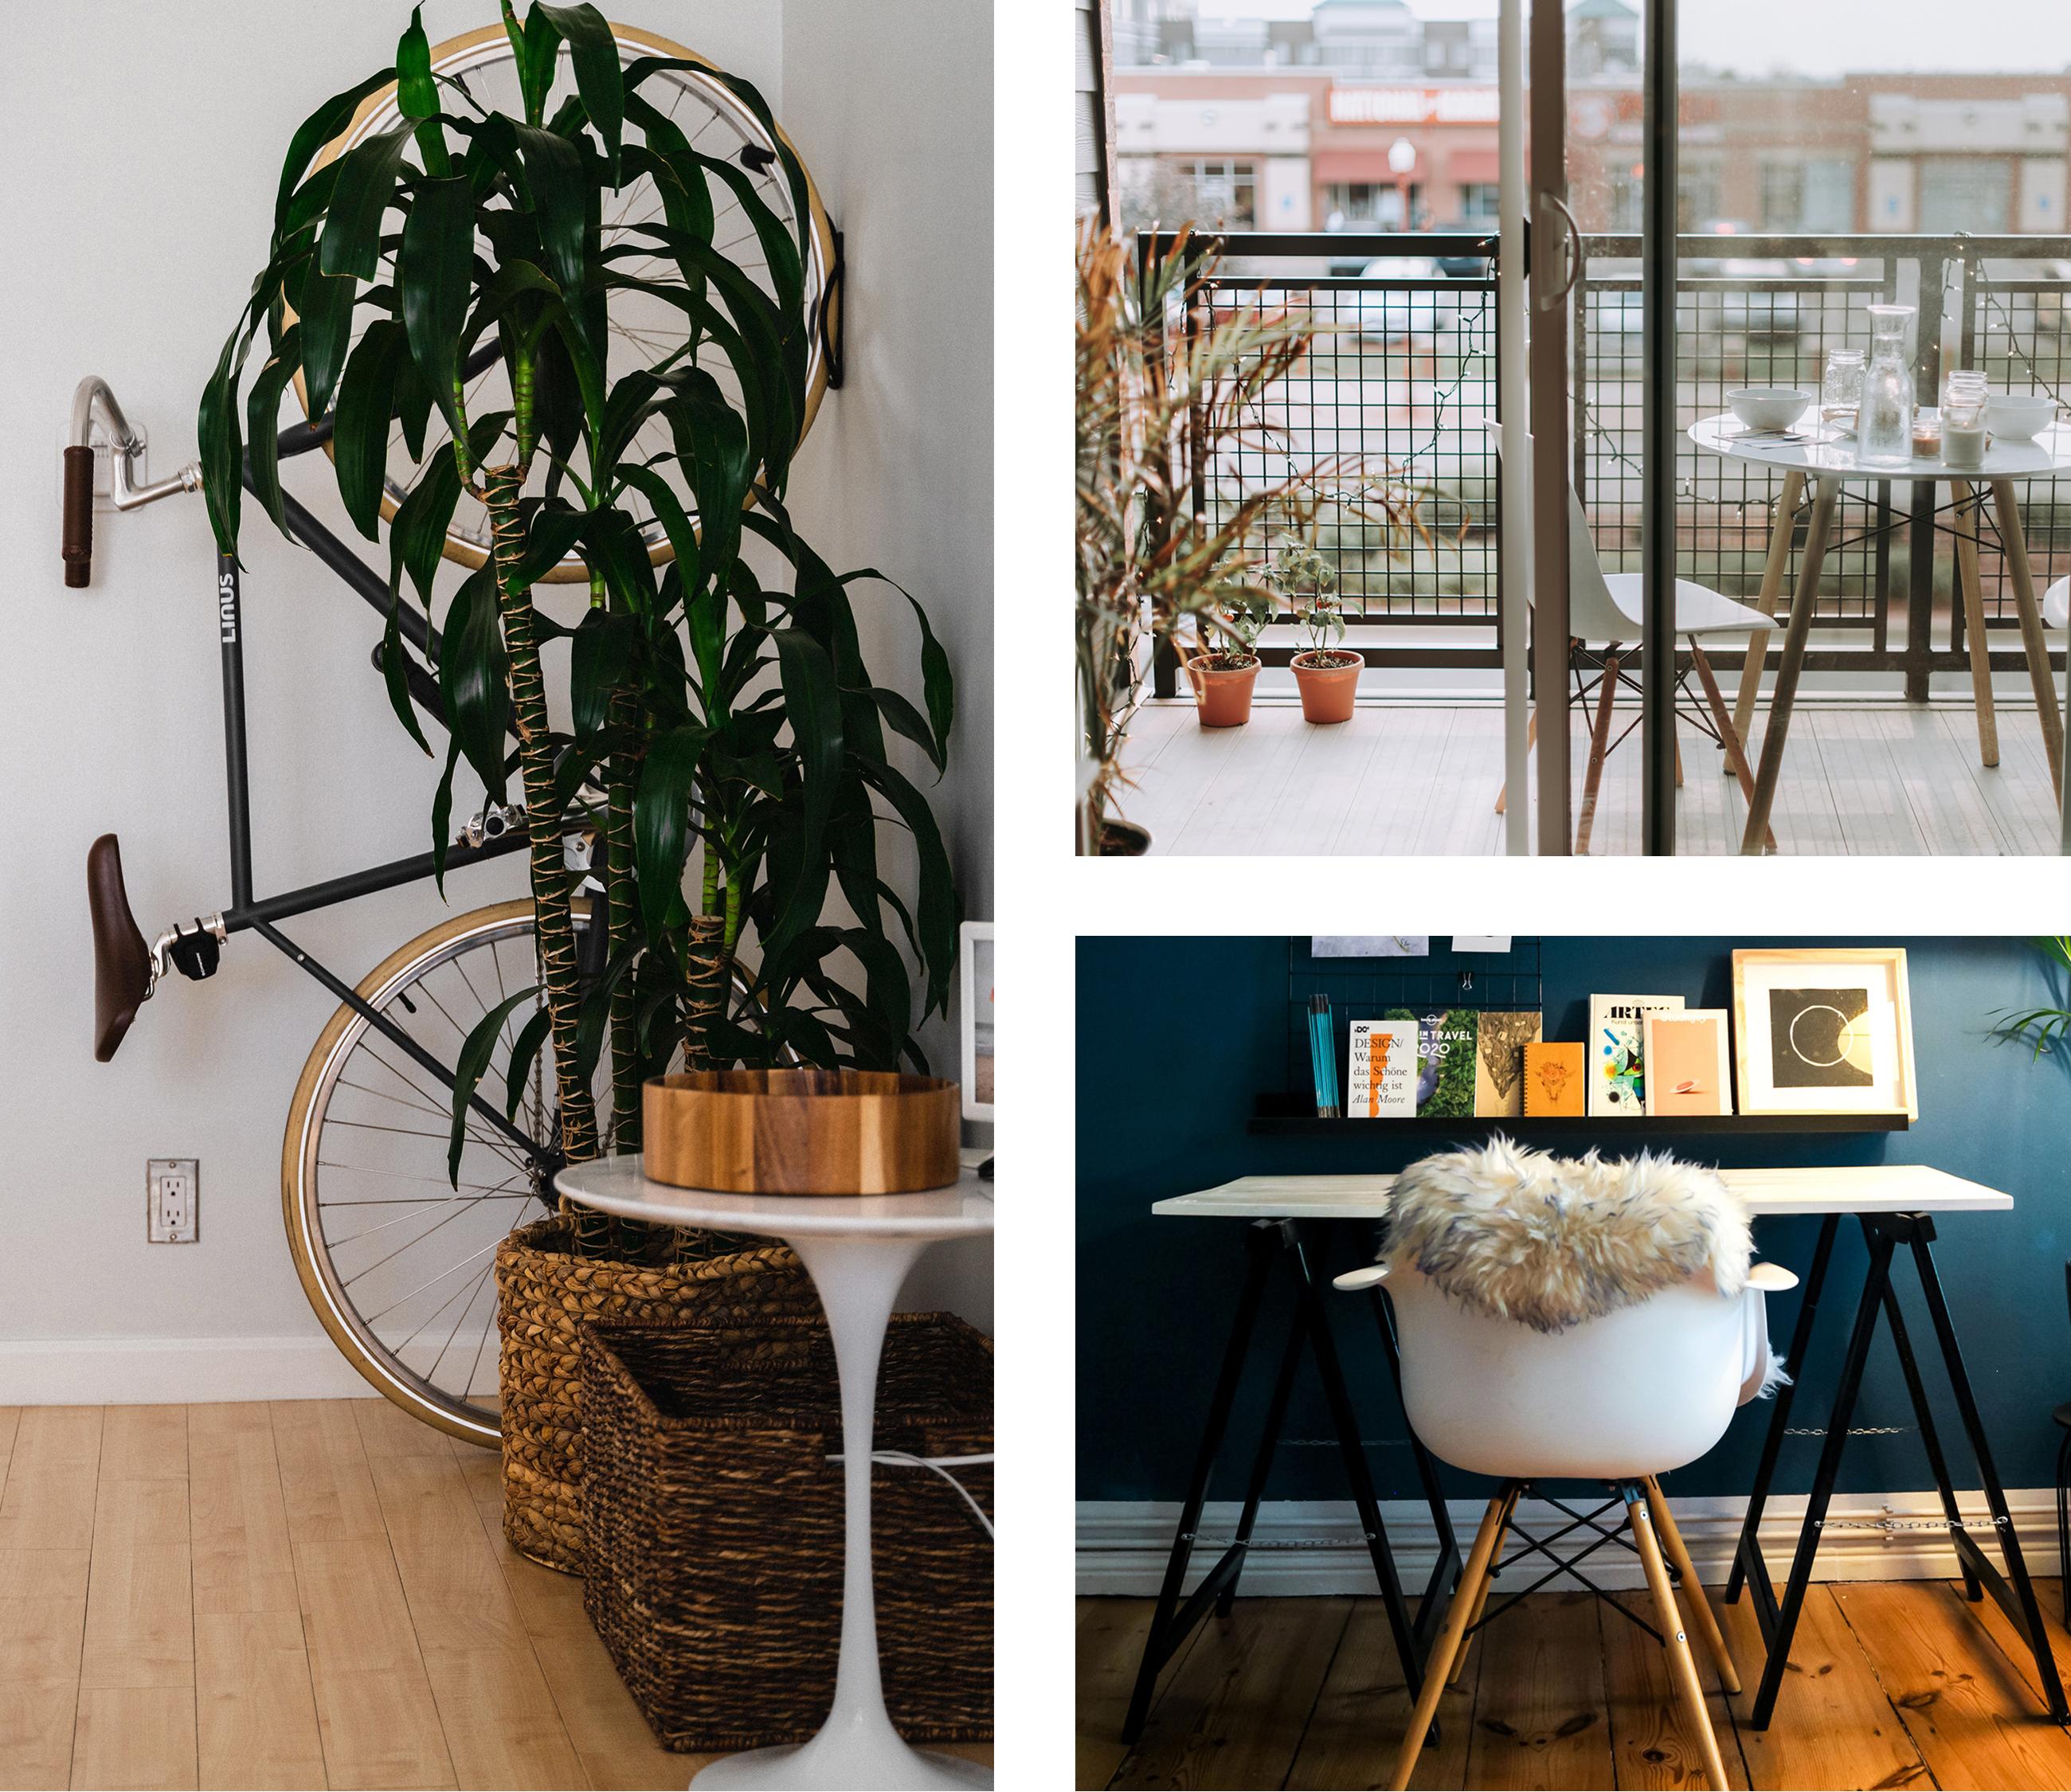 Home Interior Designs Featuring Mid-Century Furniture